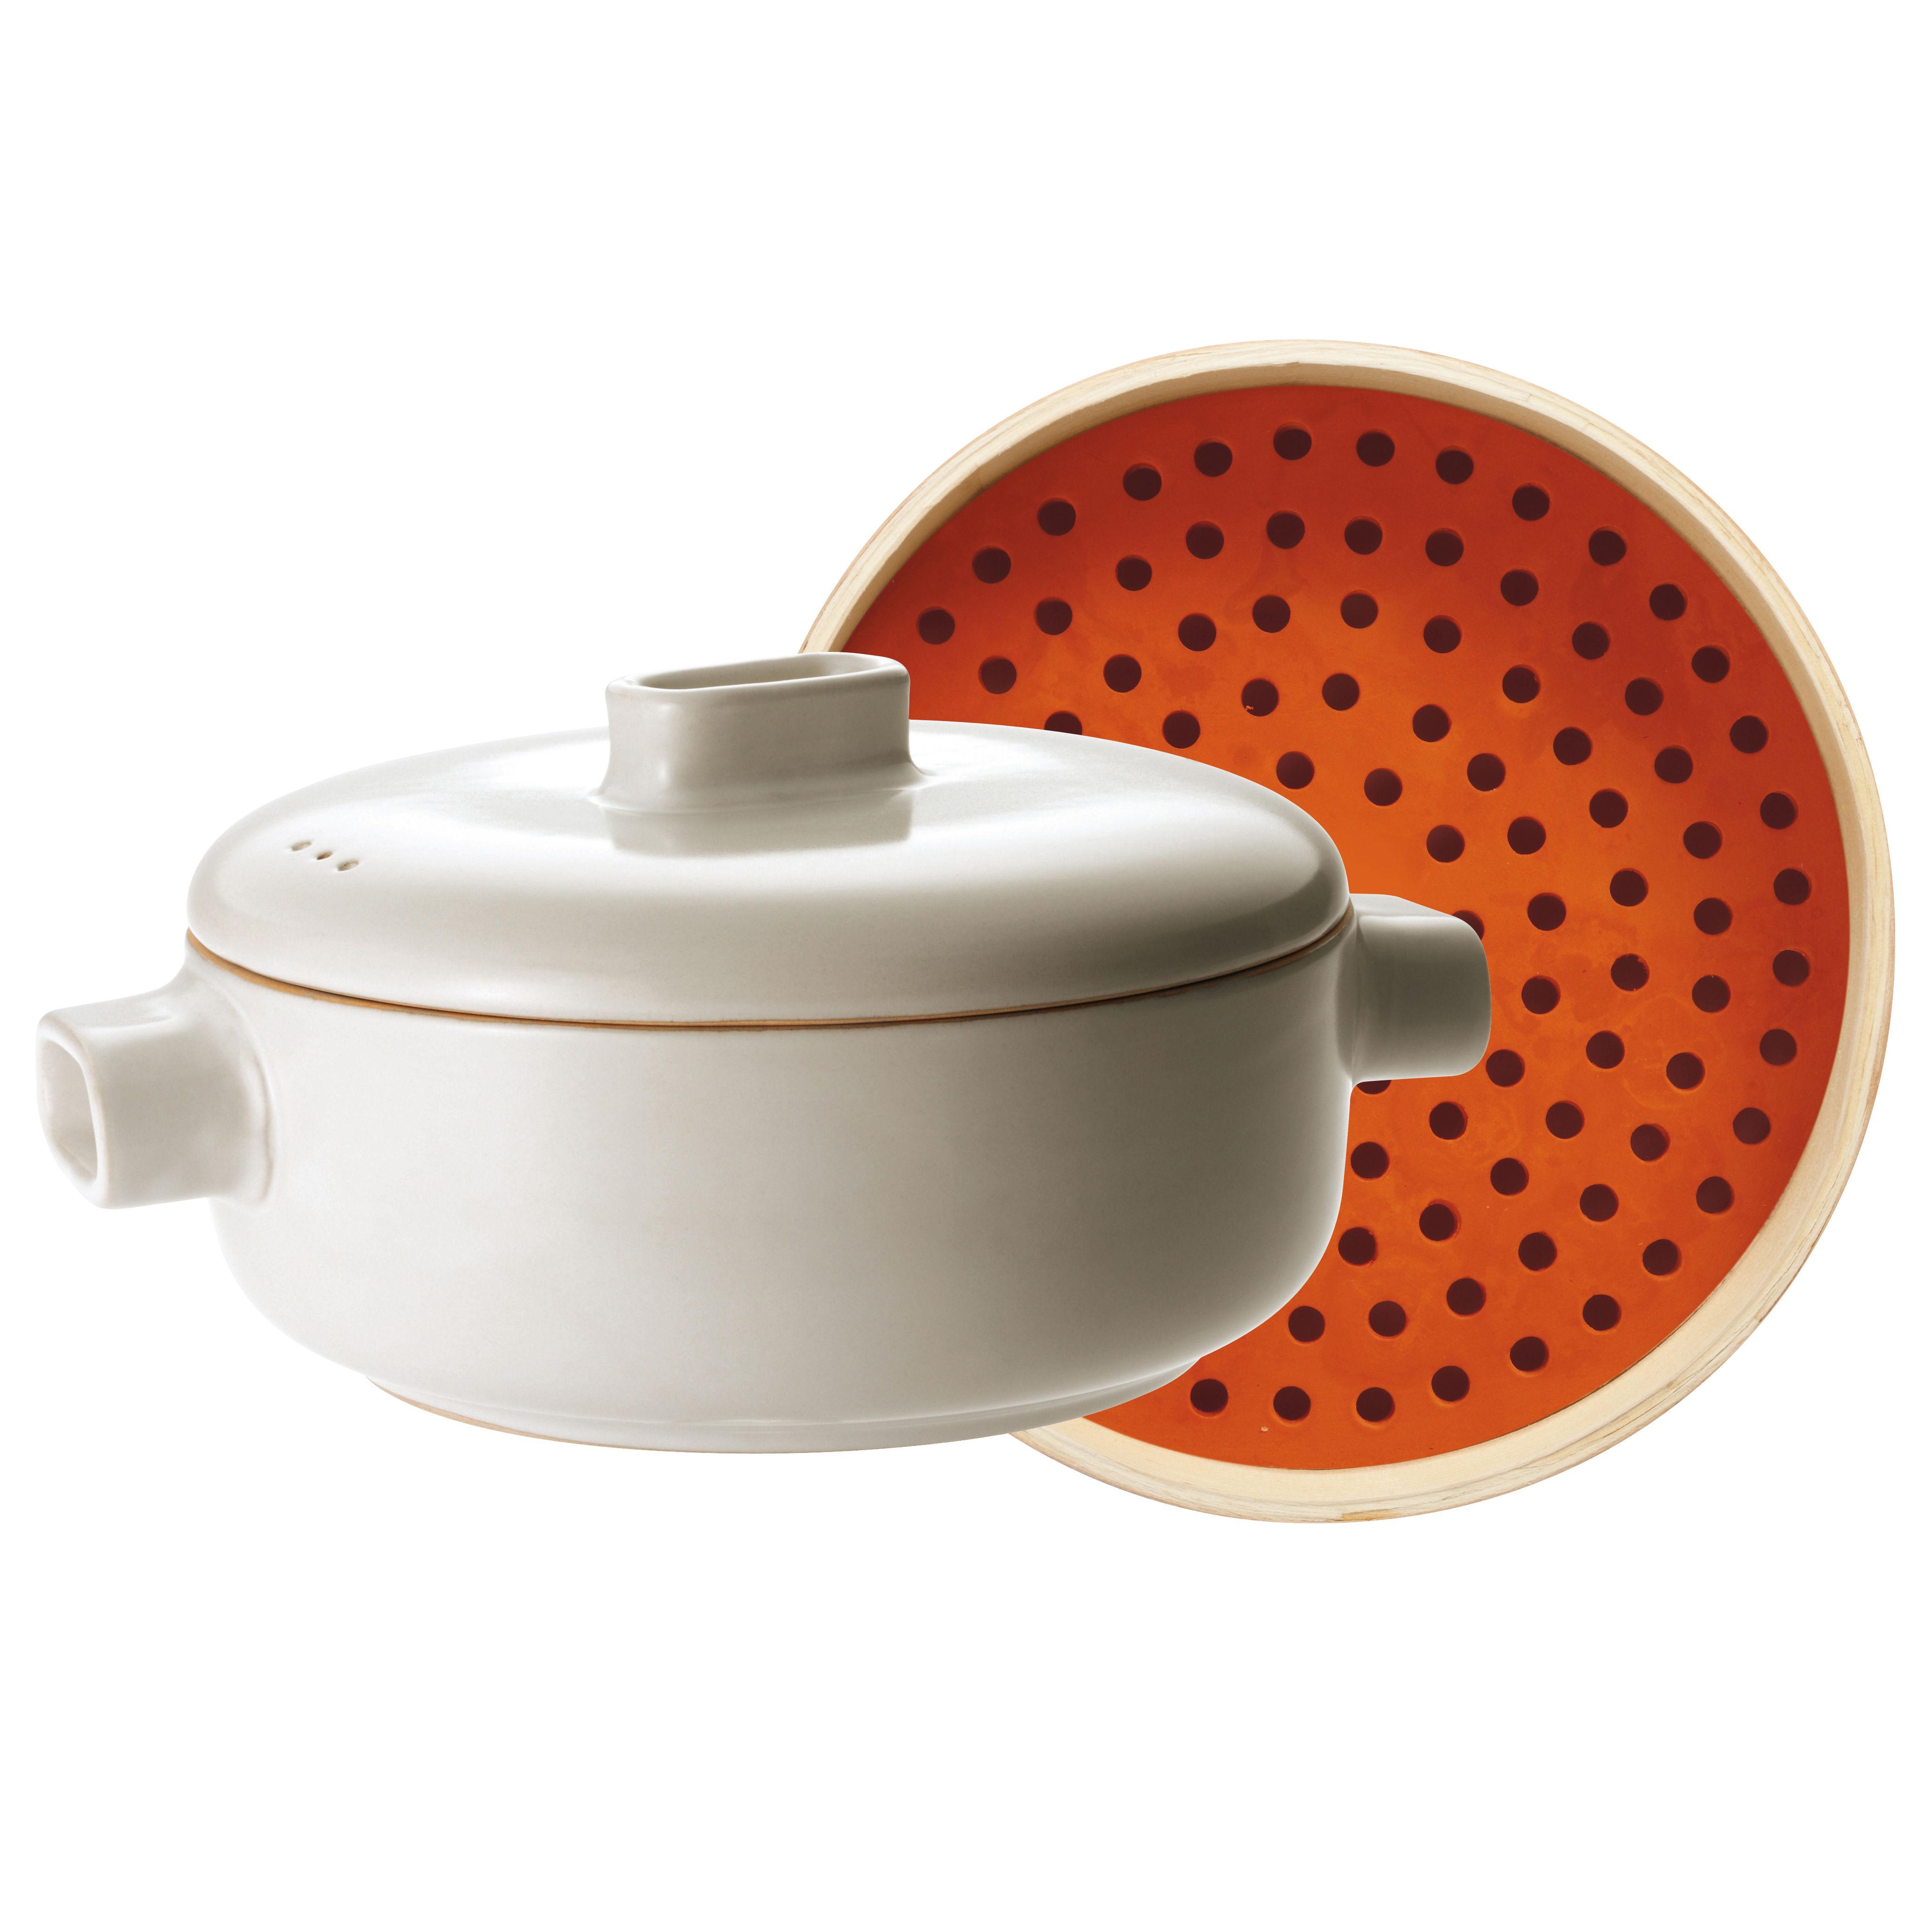 cuiseur vapeur steamer set set cocotte panier vapeur blanc bois jia. Black Bedroom Furniture Sets. Home Design Ideas